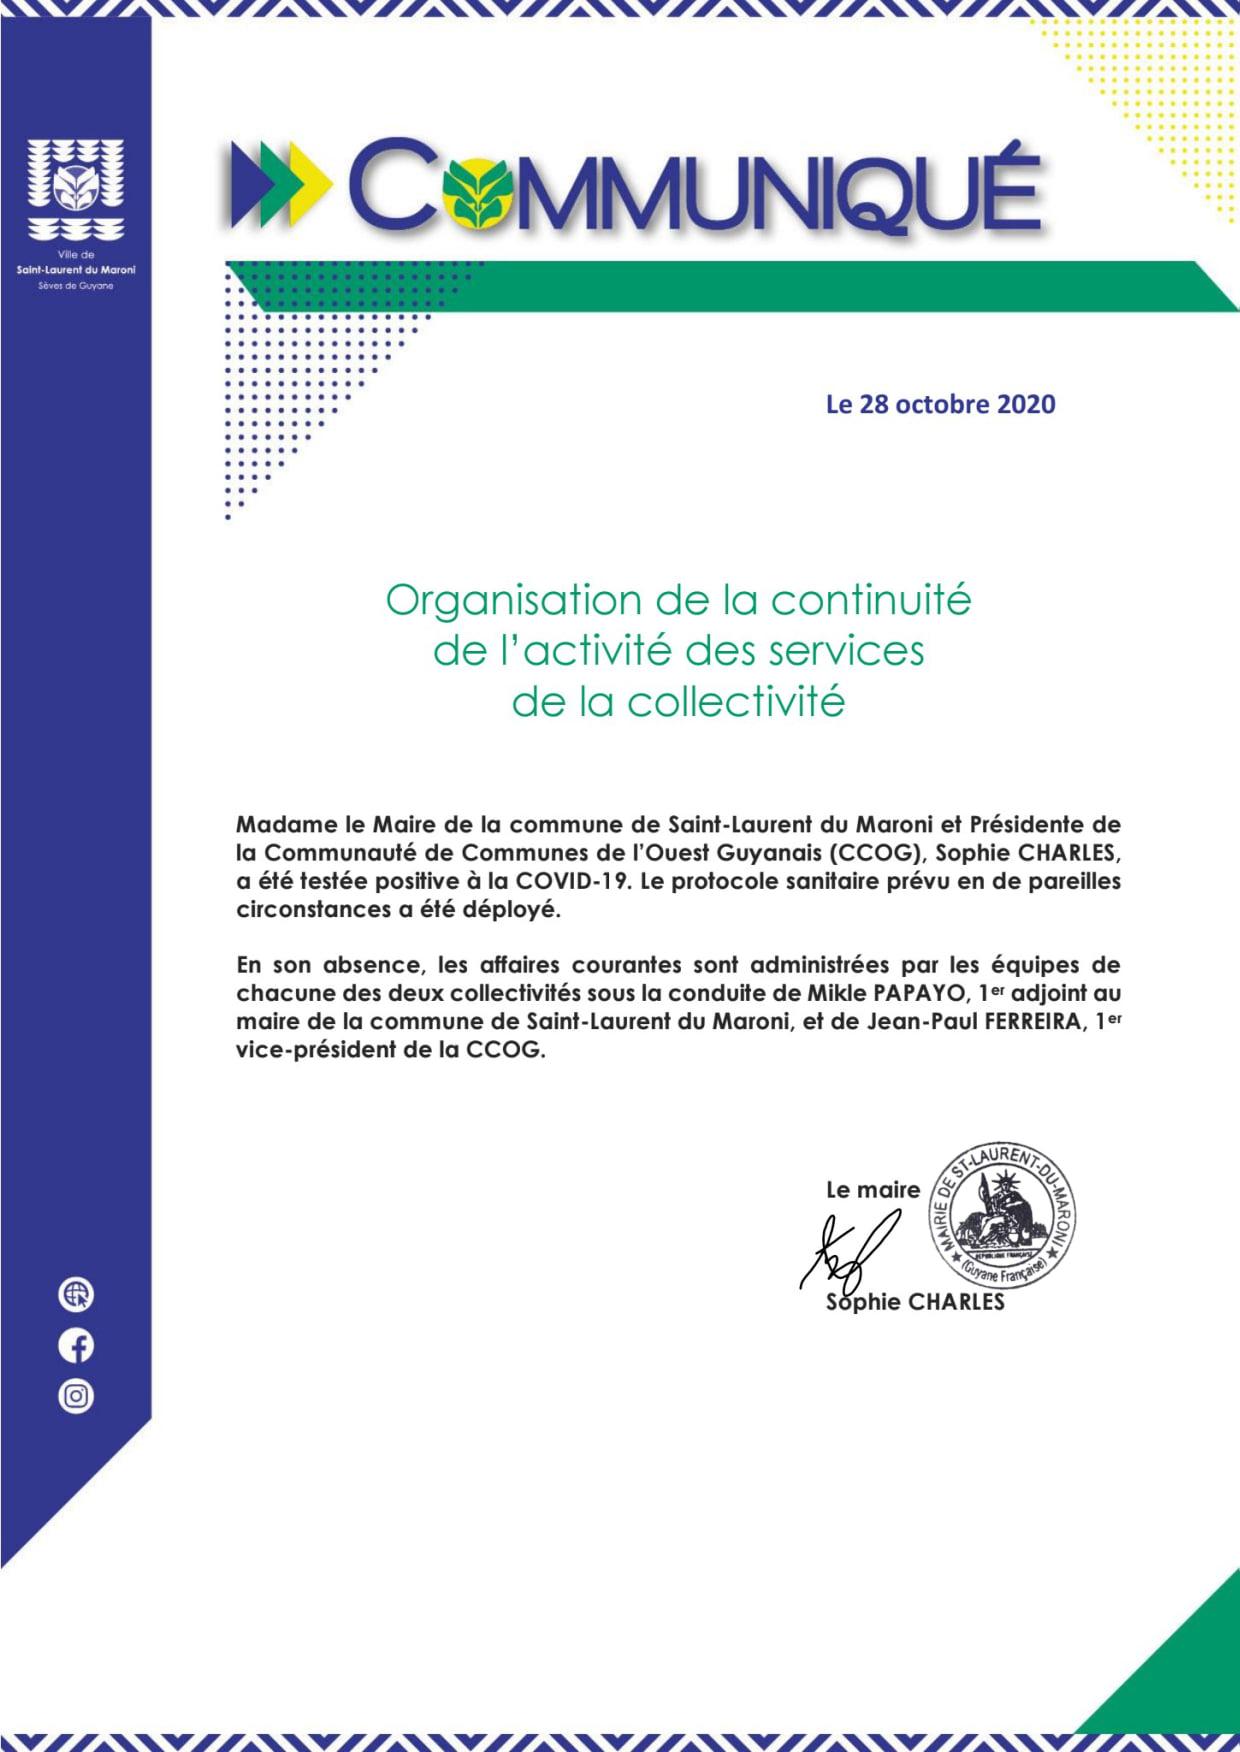 #Communiqué : Organisation de la continuité des services de la collectivité